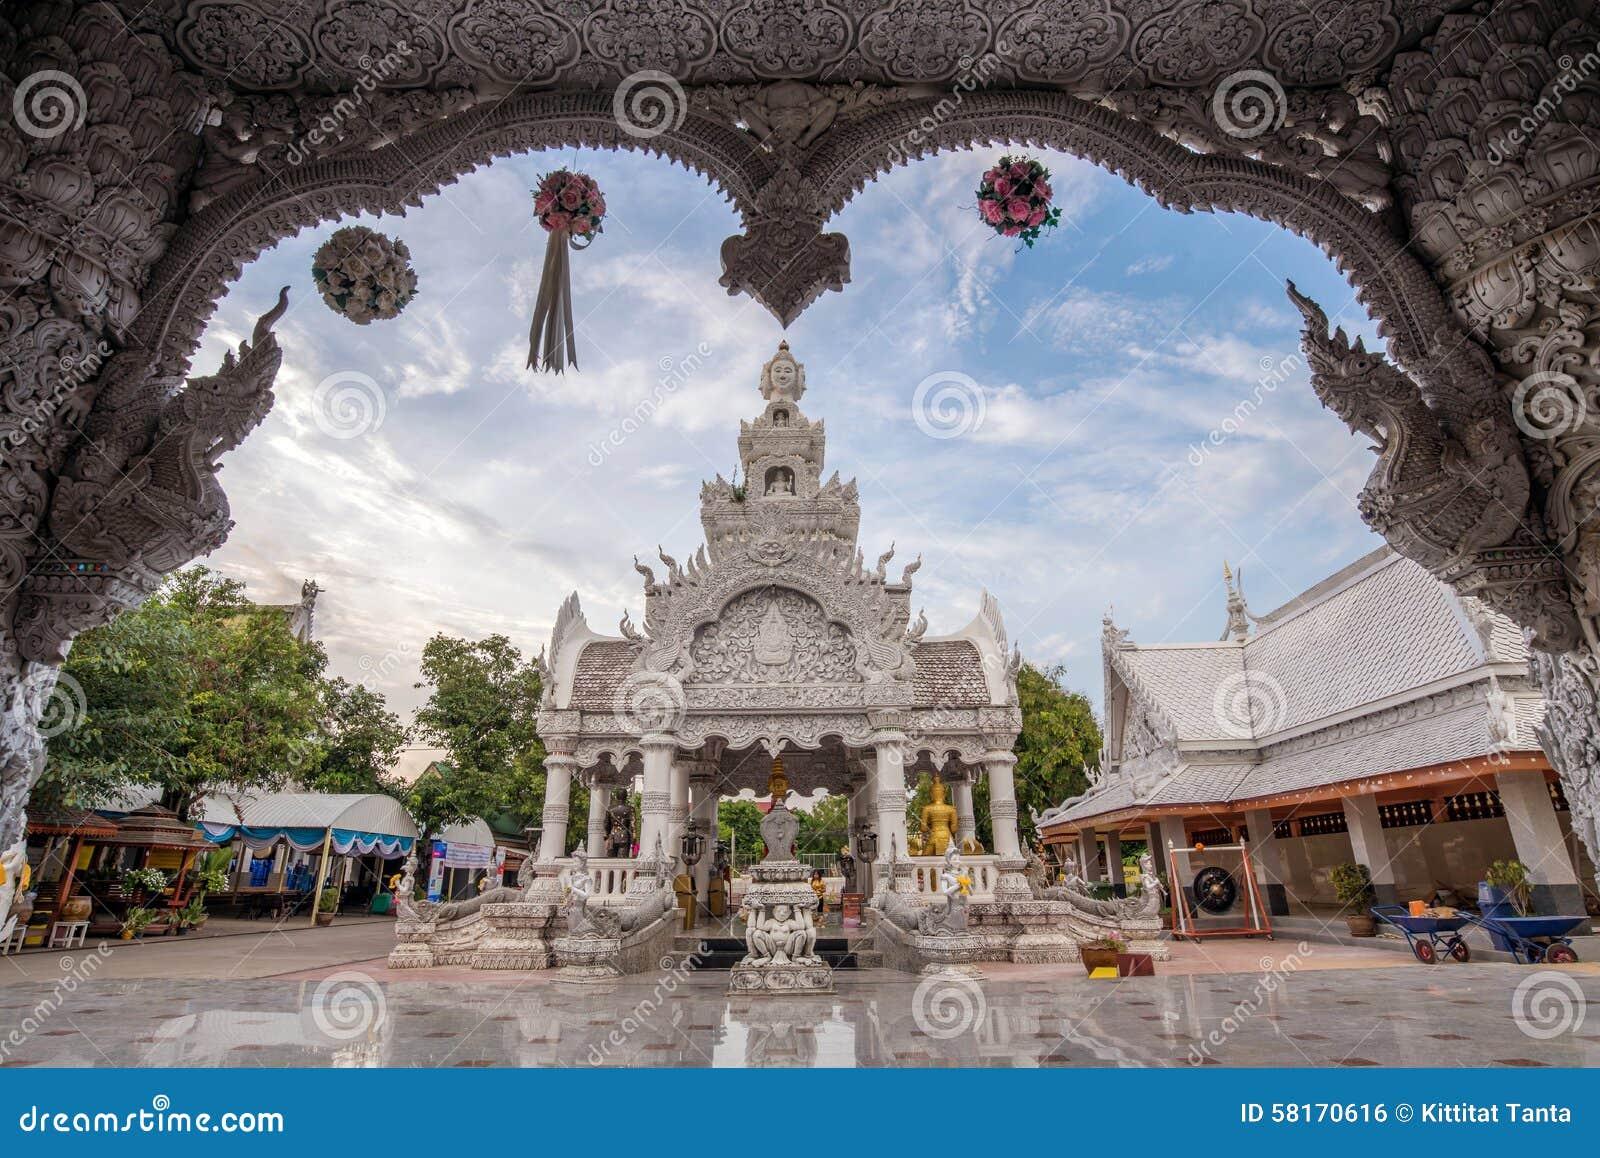 Festival de Songkran au pilier de ville, myang ming de Wat en avril 2014 à Nan, Thaïlande